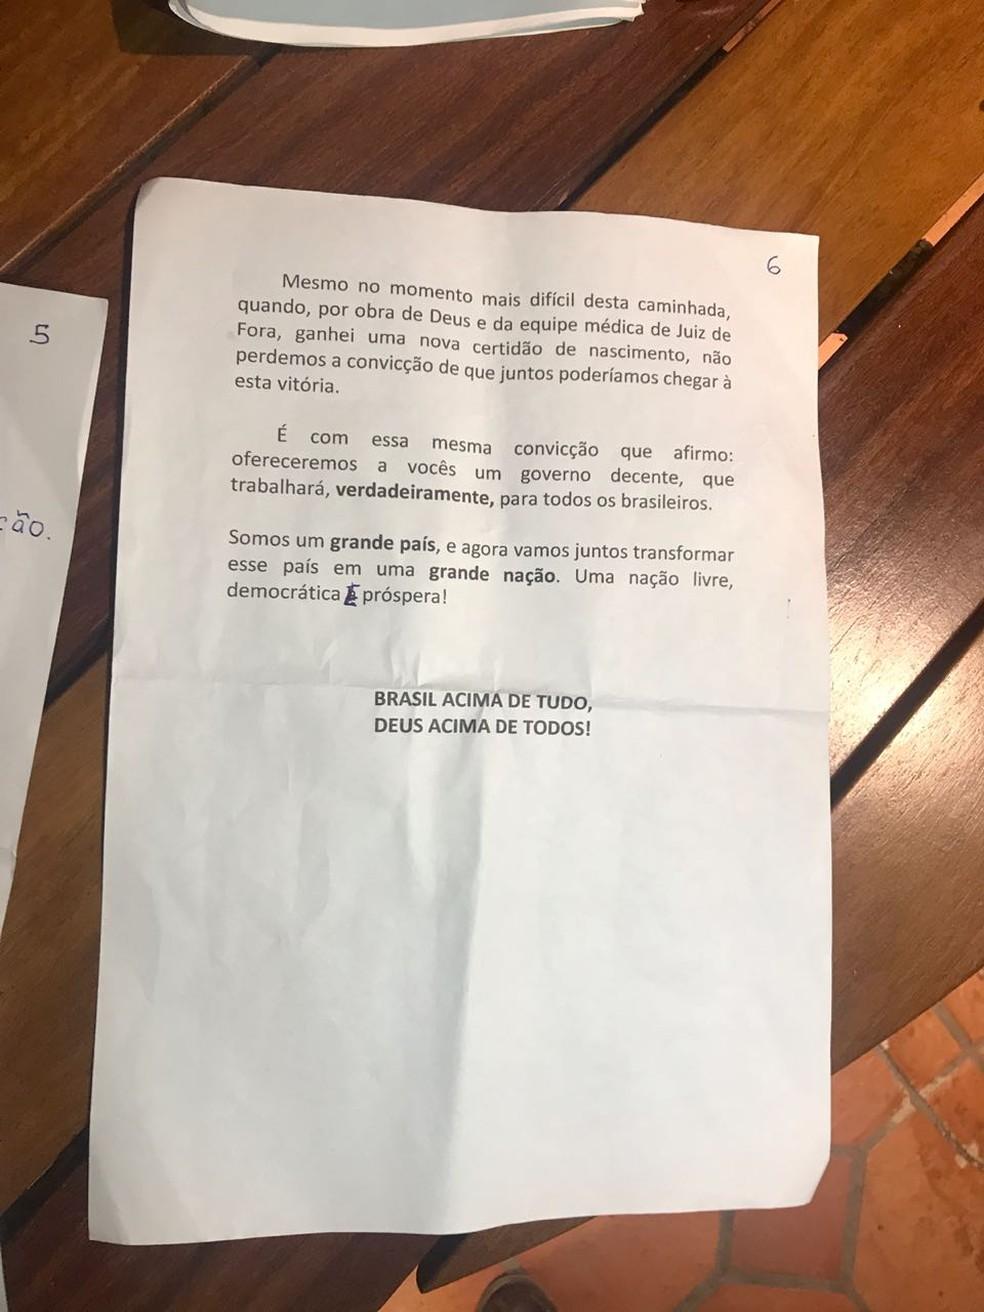 Discurso de Bolsonaro - página 6 — Foto: Reprodução